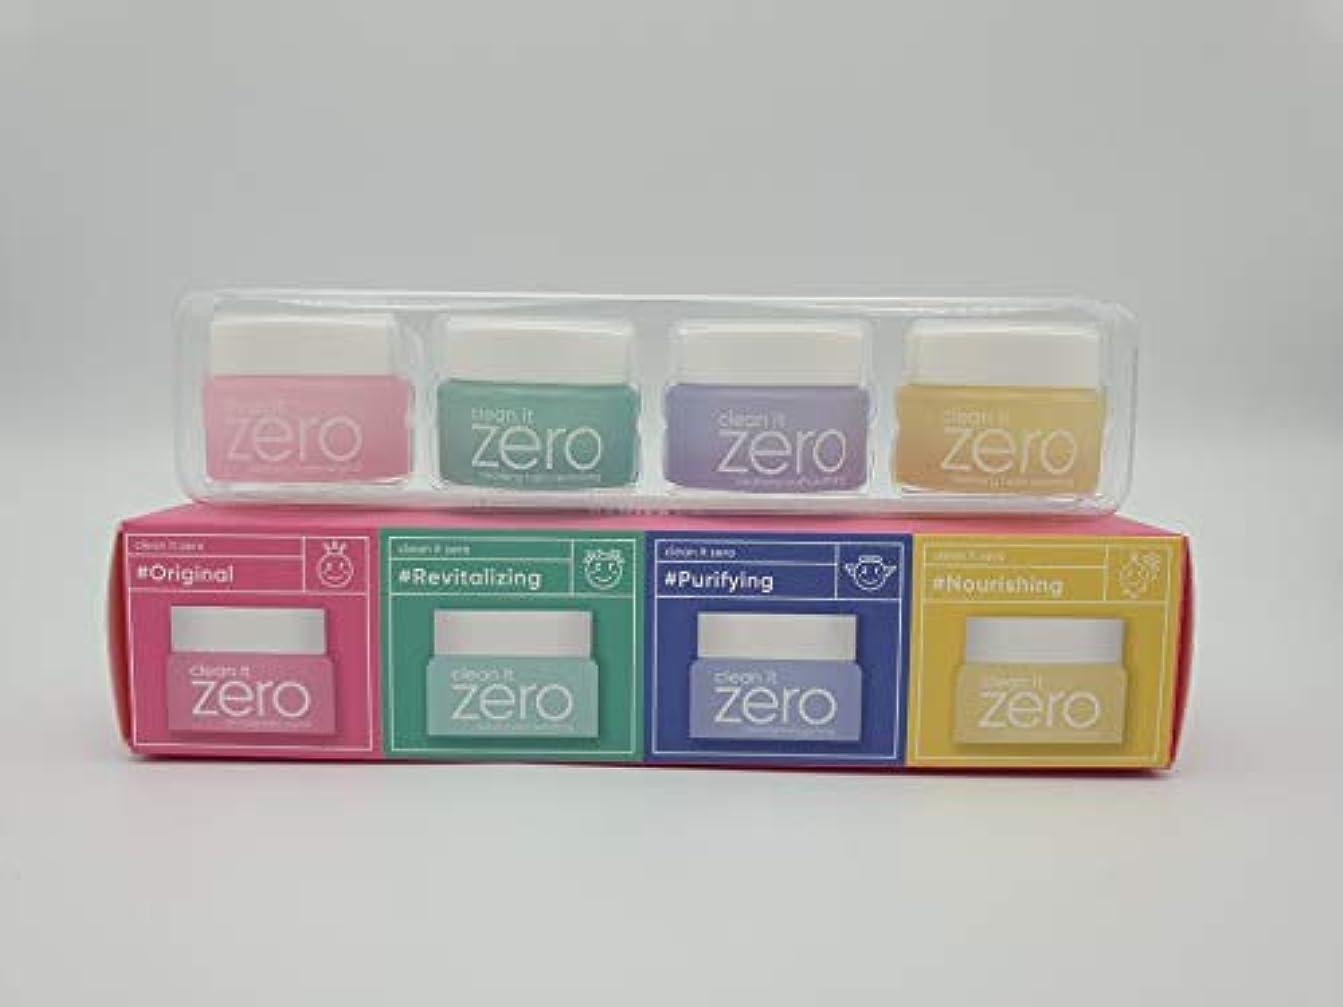 被る控える上回るBANILA CO Clean It Zero Special Kit (7ml×4items)/バニラコ クリーン イット ゼロ スペシャル キット (7ml×4種) [並行輸入品]